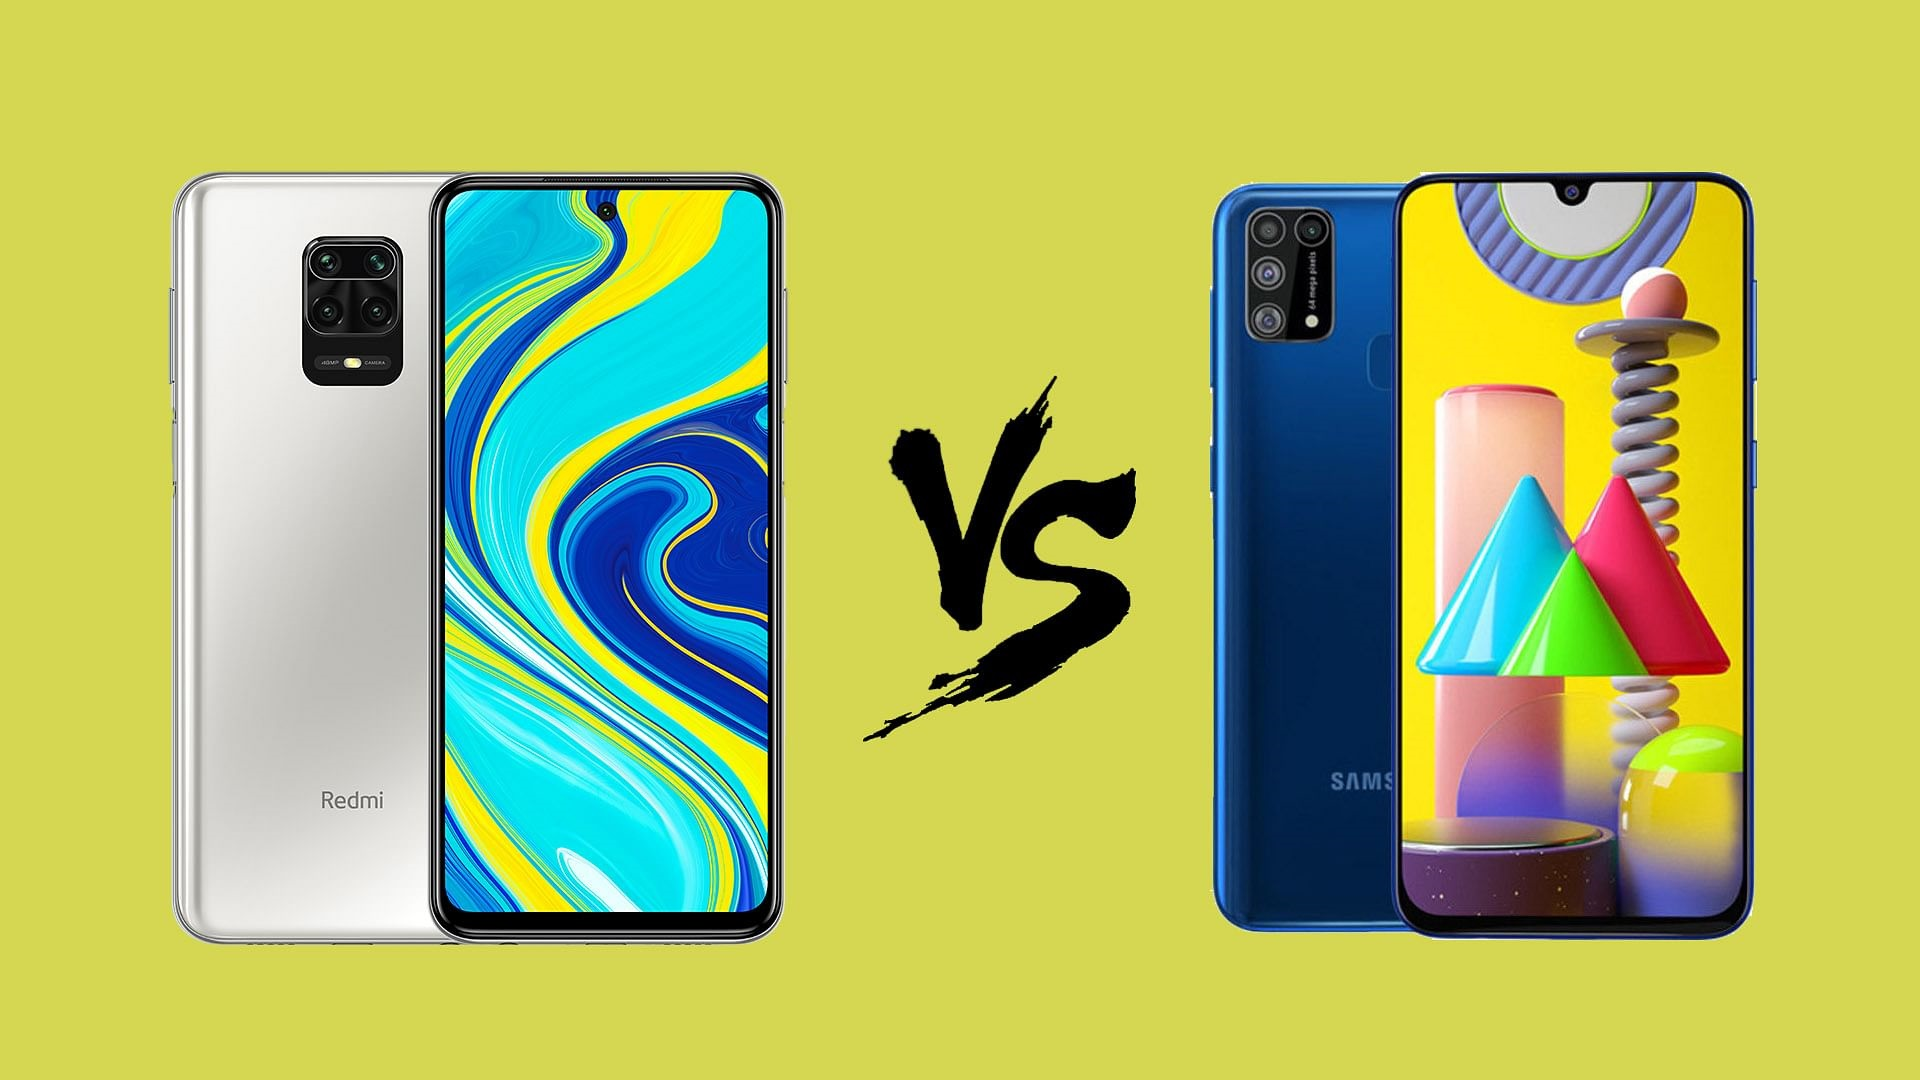 قبيل الشراء من يستحق الاقتناء Samsung M31 أم Redmi Note 9s